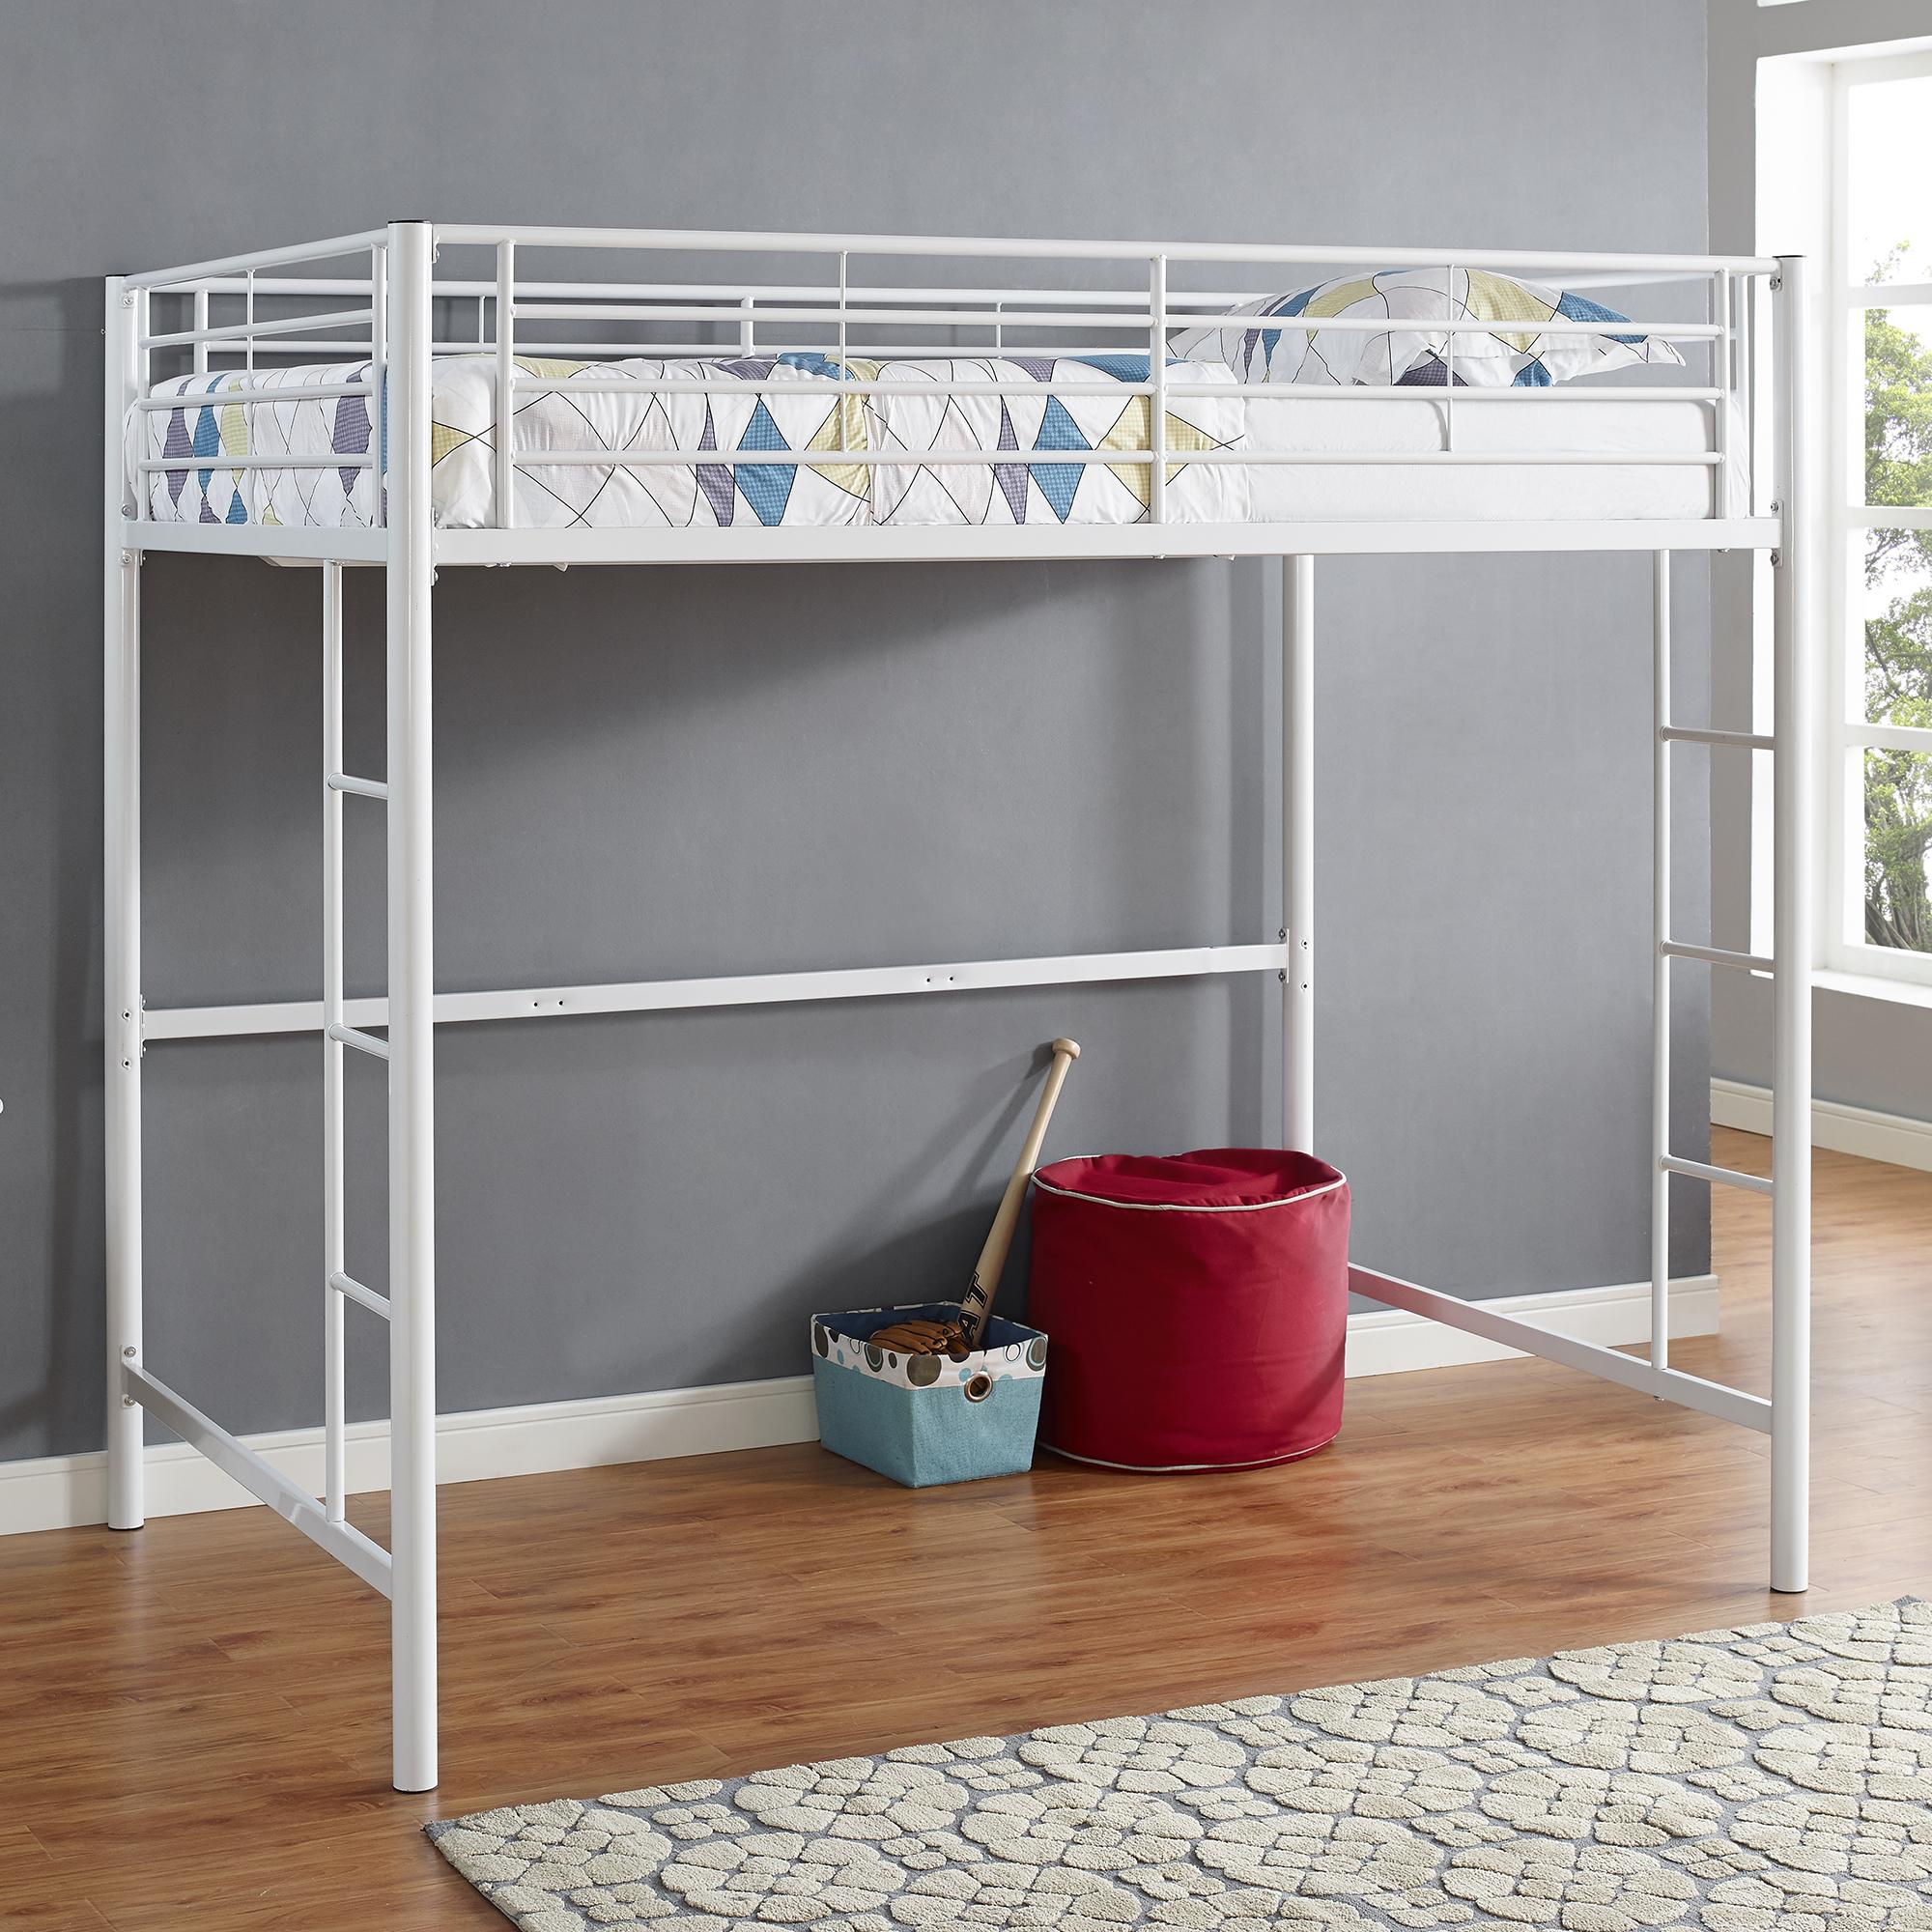 Cama de metal de tamaño completo Loft Premium-blancoo